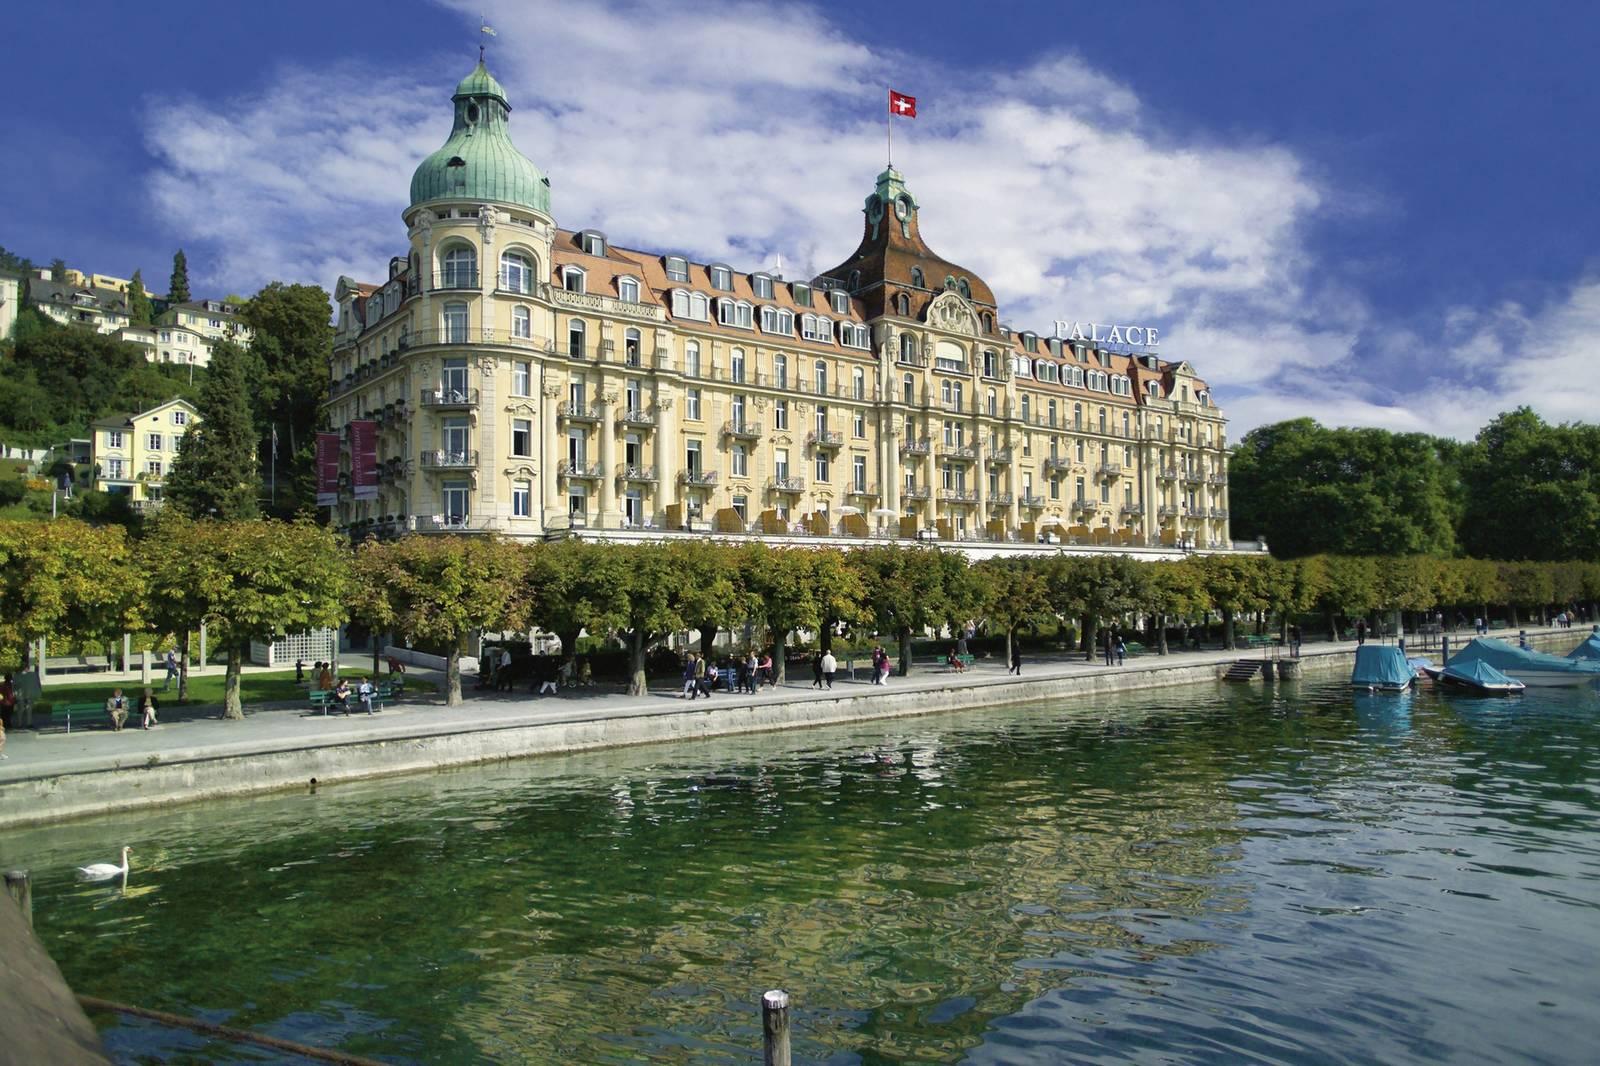 Hotel Palace Luzern Switzerland